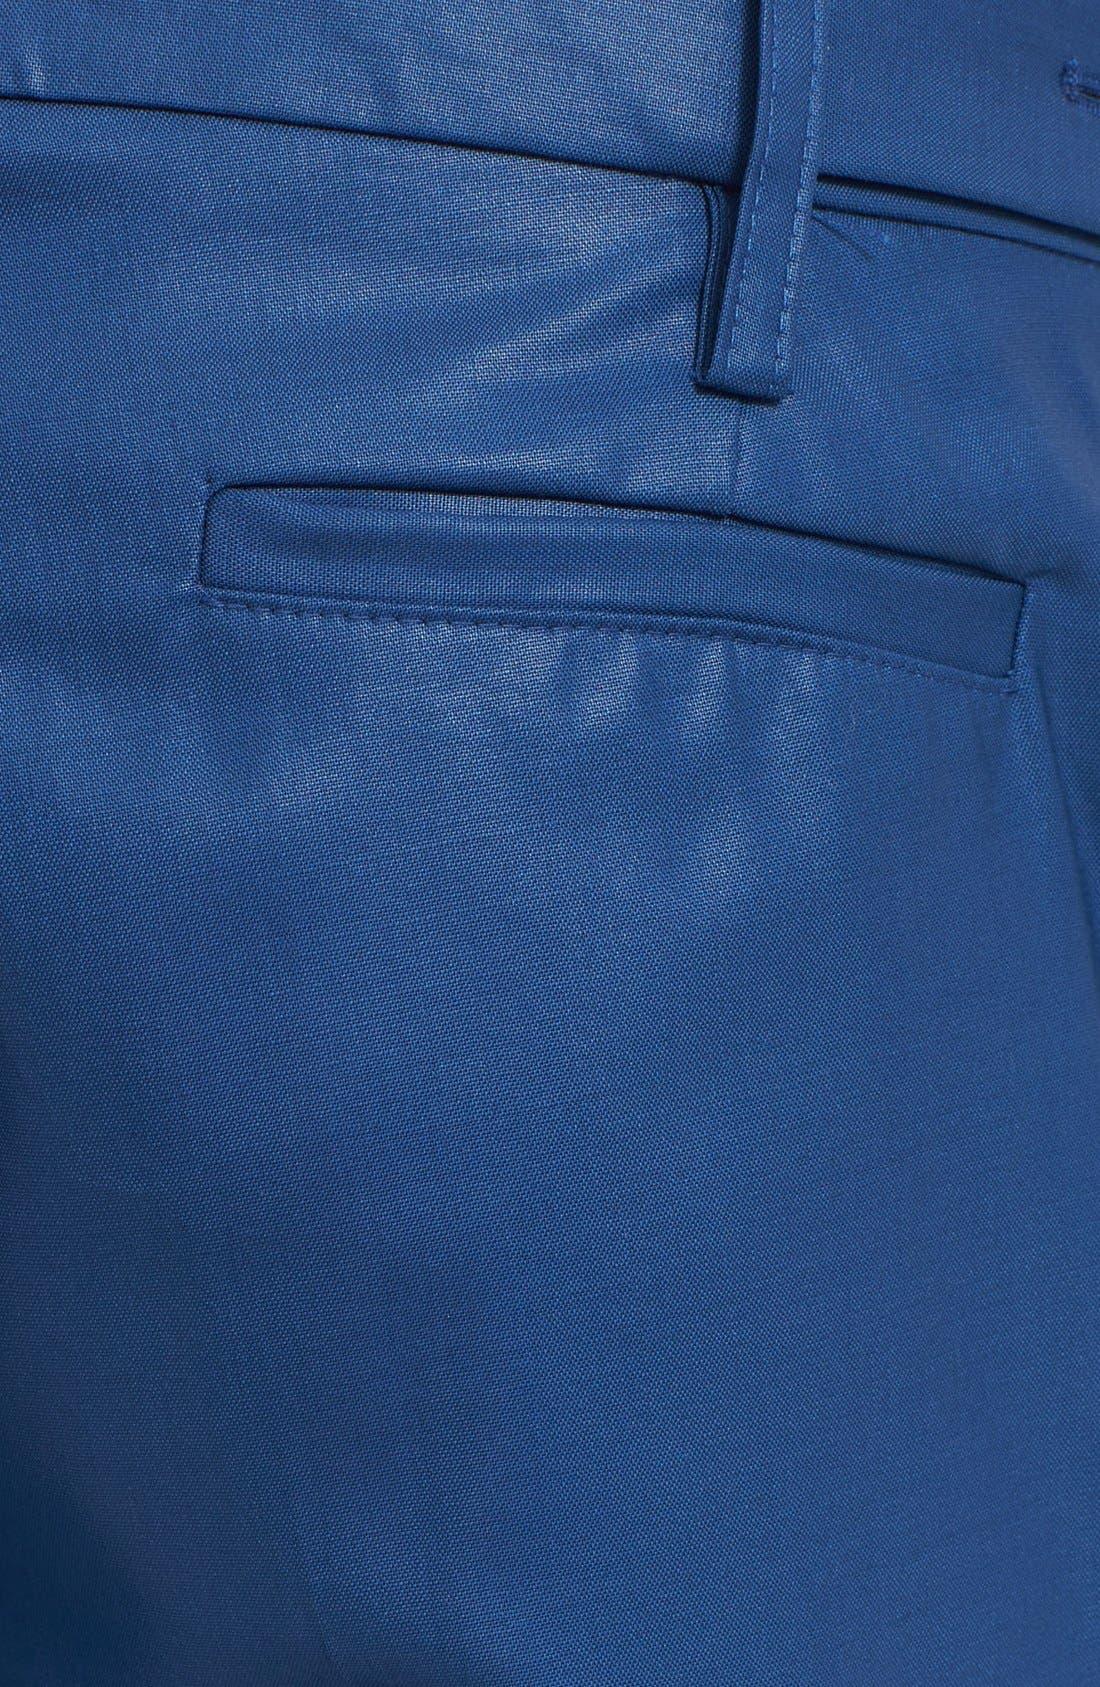 Alternate Image 3  - Smythe Crop Boyfriend Pants